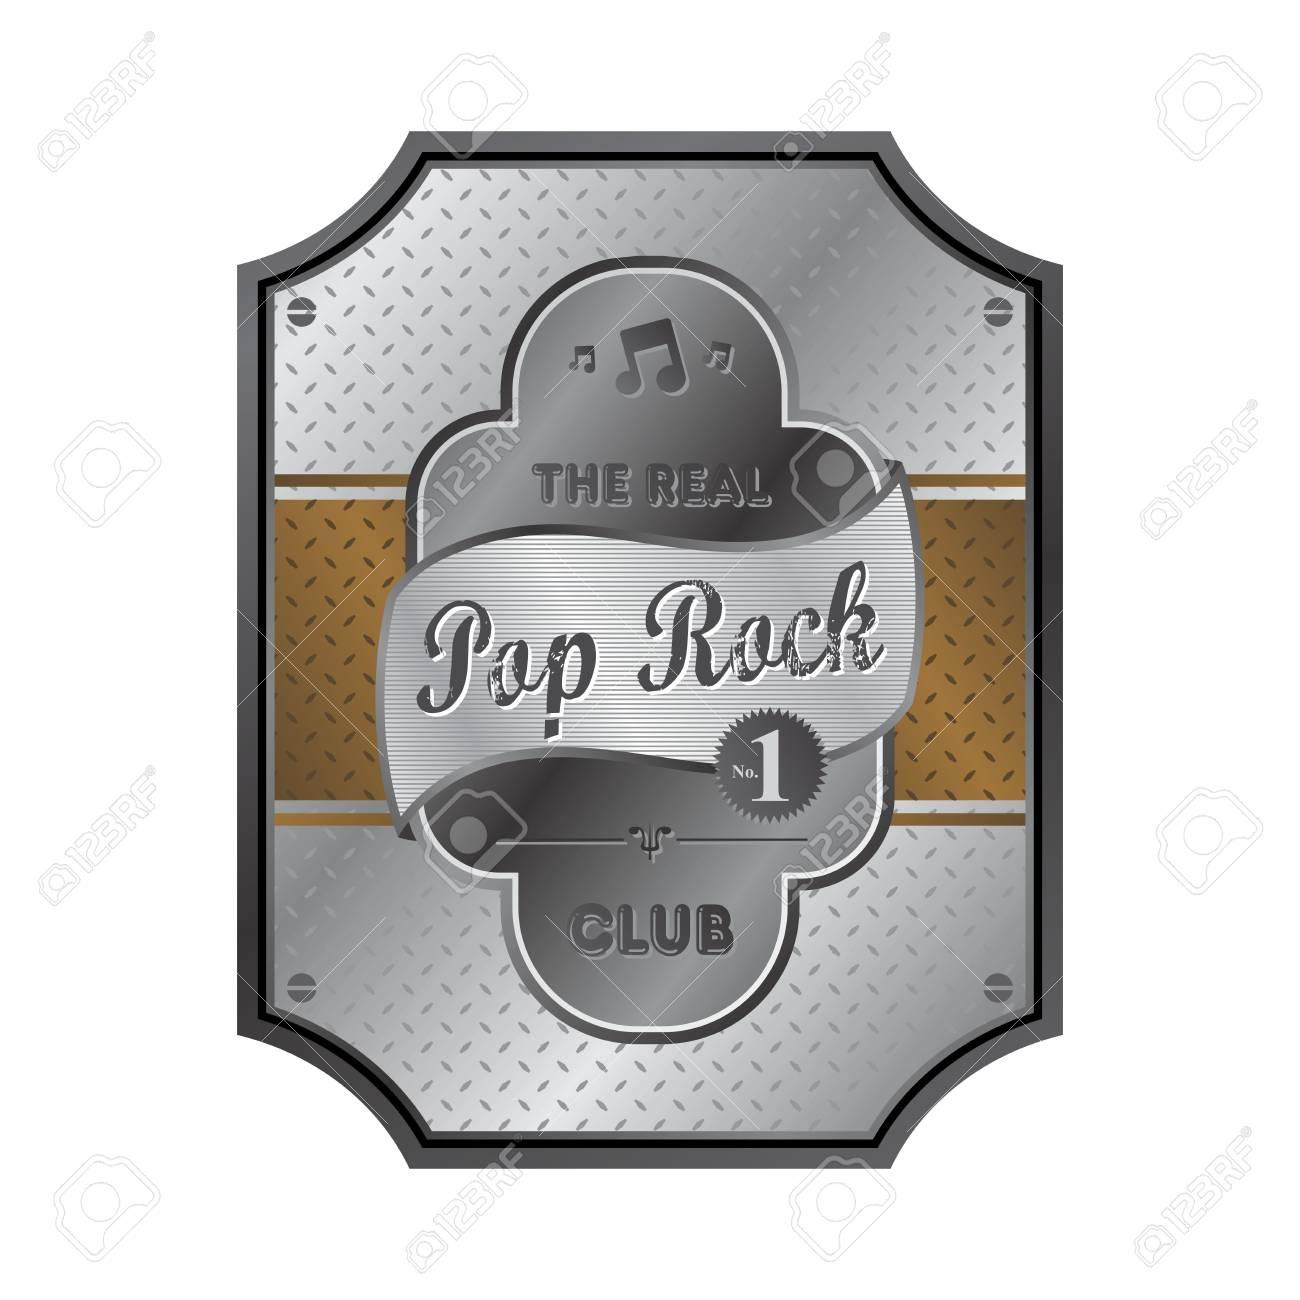 pop rock label Stock Vector - 22221870